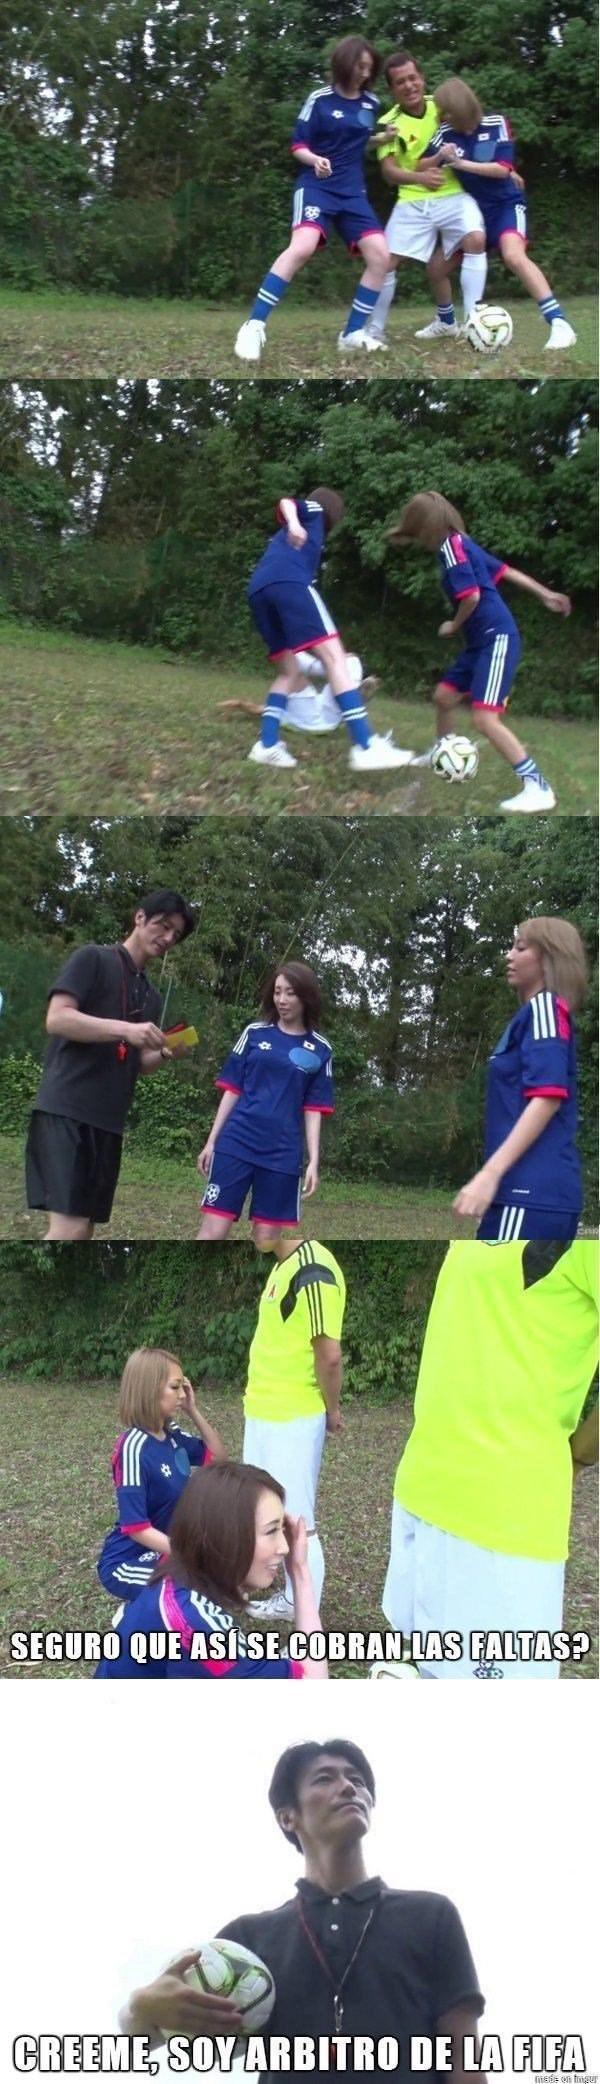 dos chicas jugando futbol y arbitro